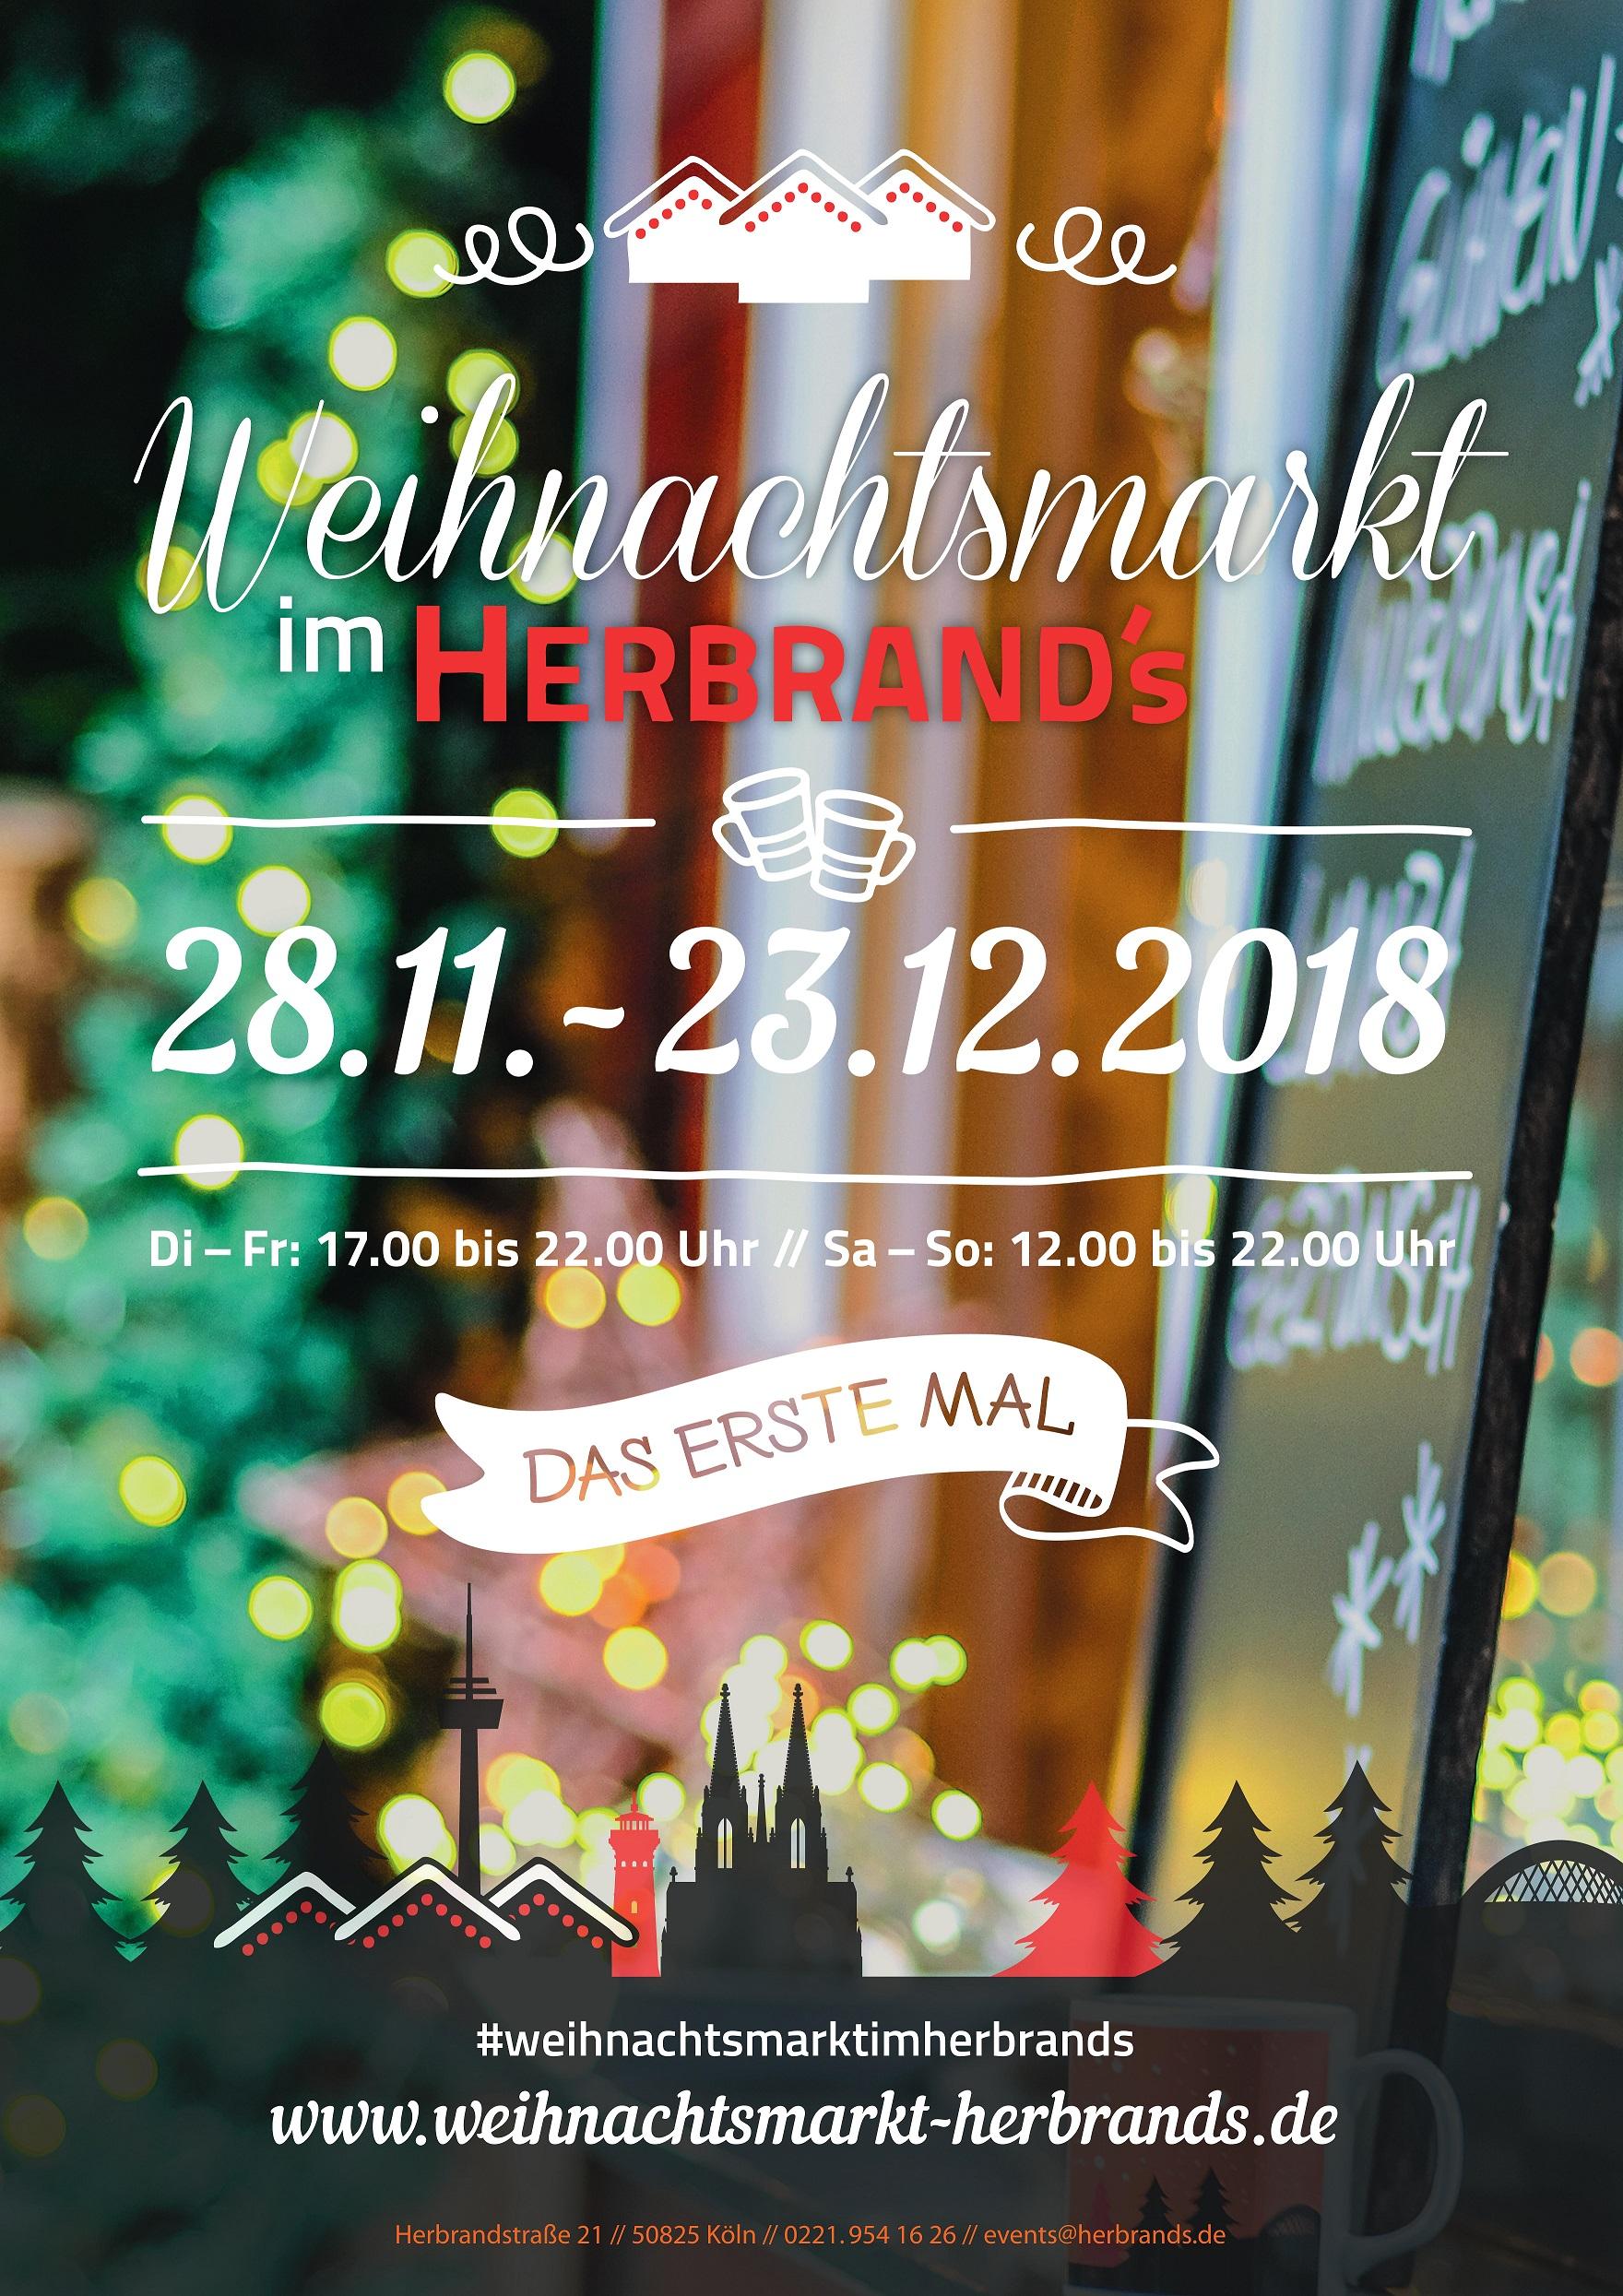 Weihnachtsmarkt Köln Eröffnung 2019.Der Weihnachtsmarkt Im Herbrand S Ist Eröffnet Herbrand S